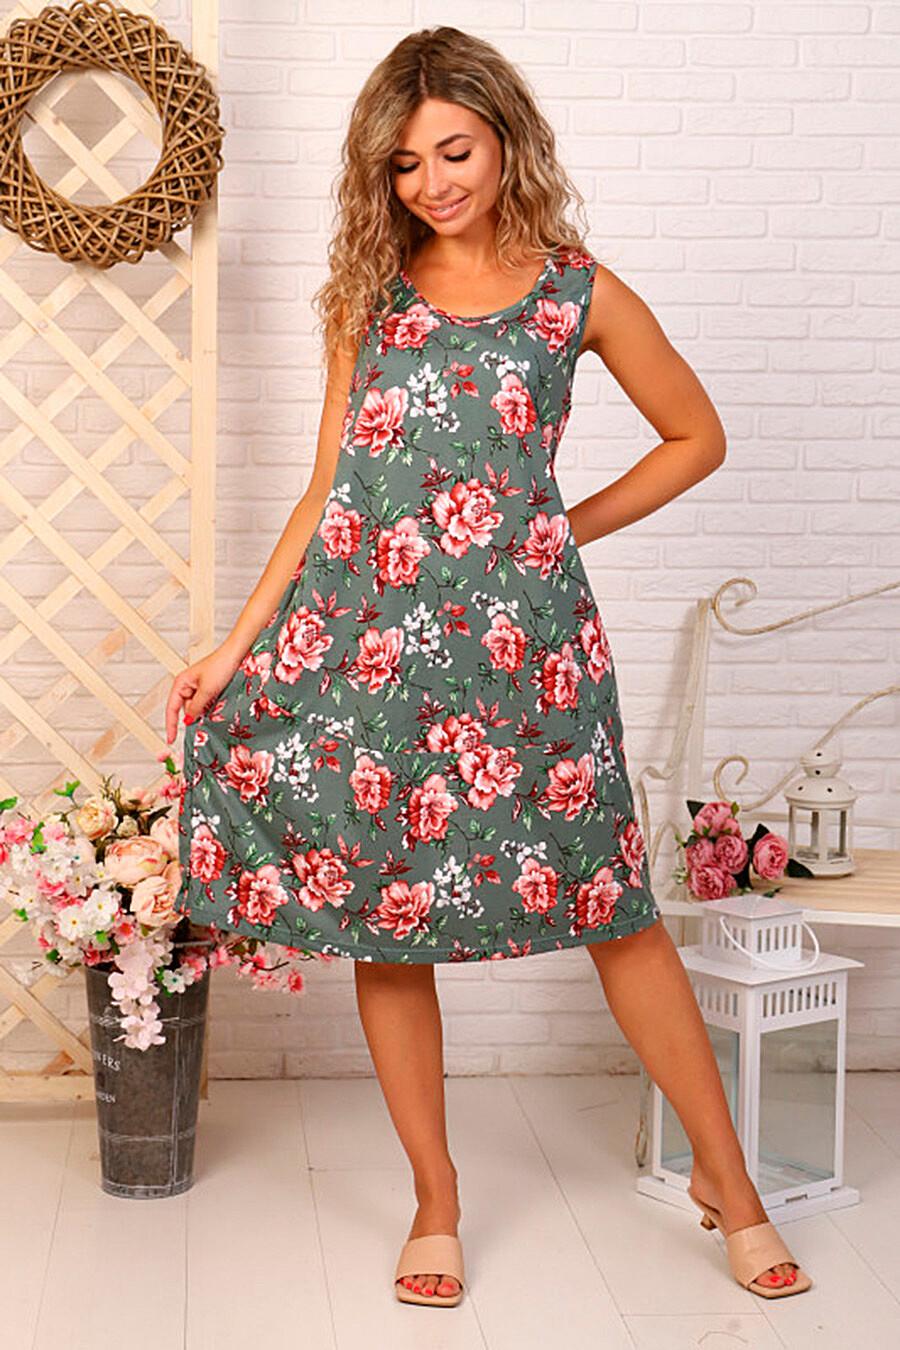 Сарафан для женщин SOFIYA37 682280 купить оптом от производителя. Совместная покупка женской одежды в OptMoyo